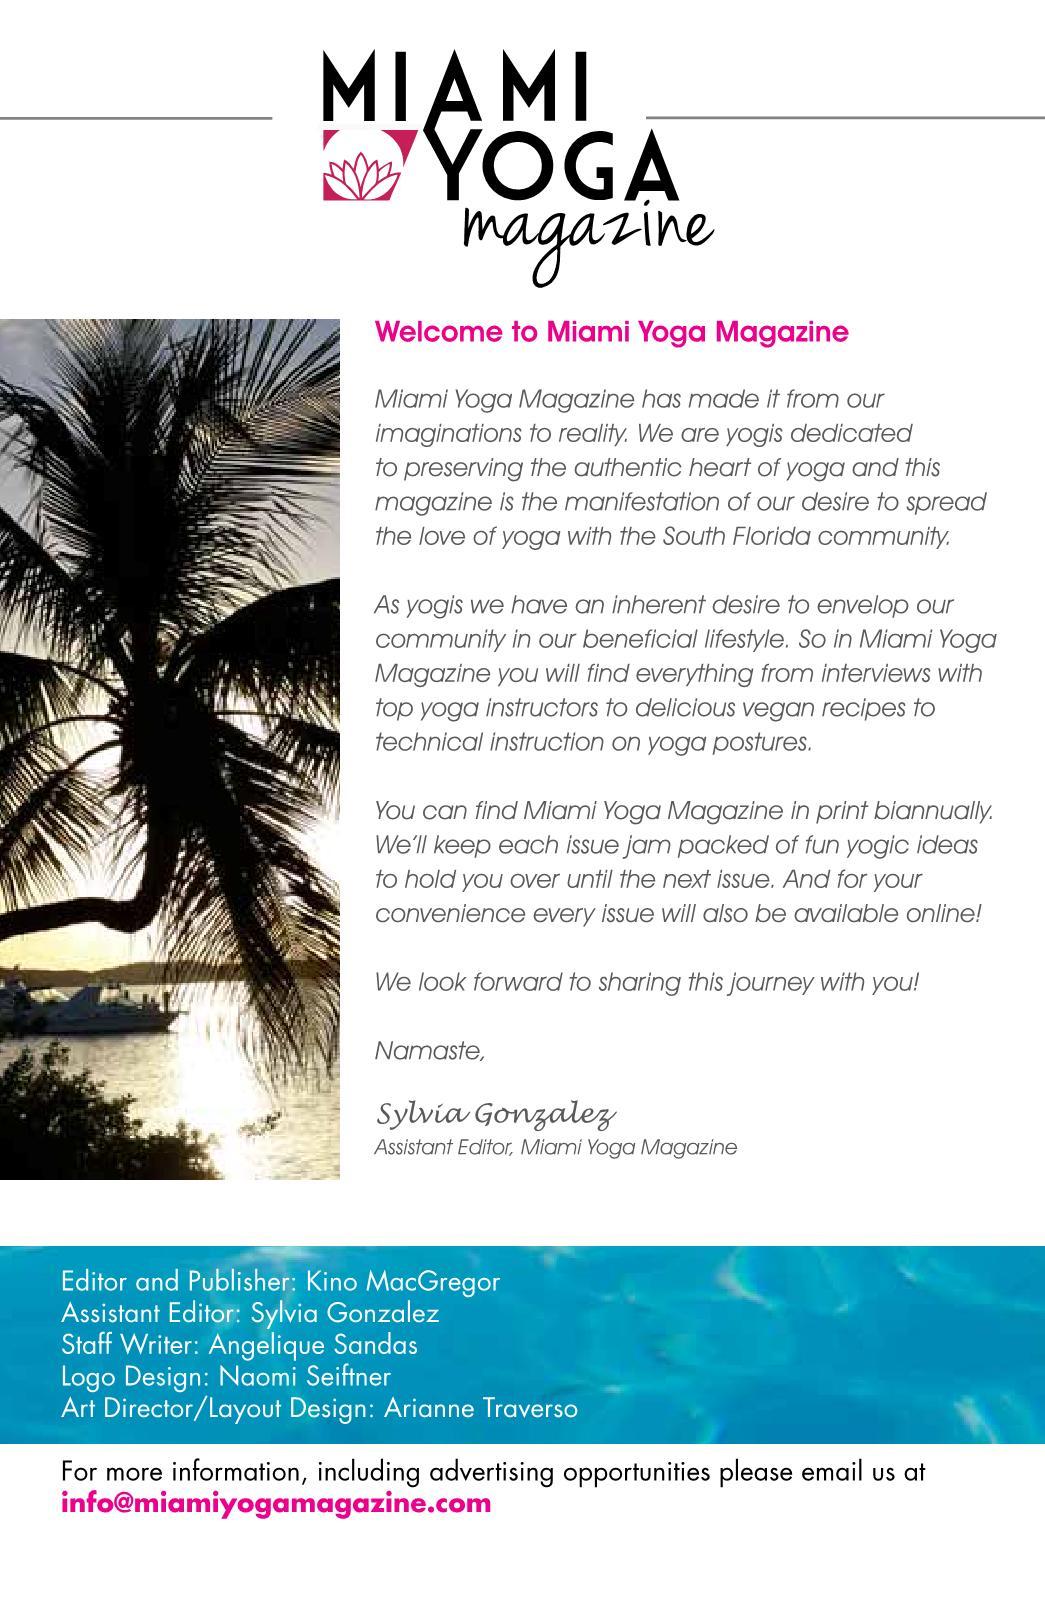 Miami Yoga Magazine